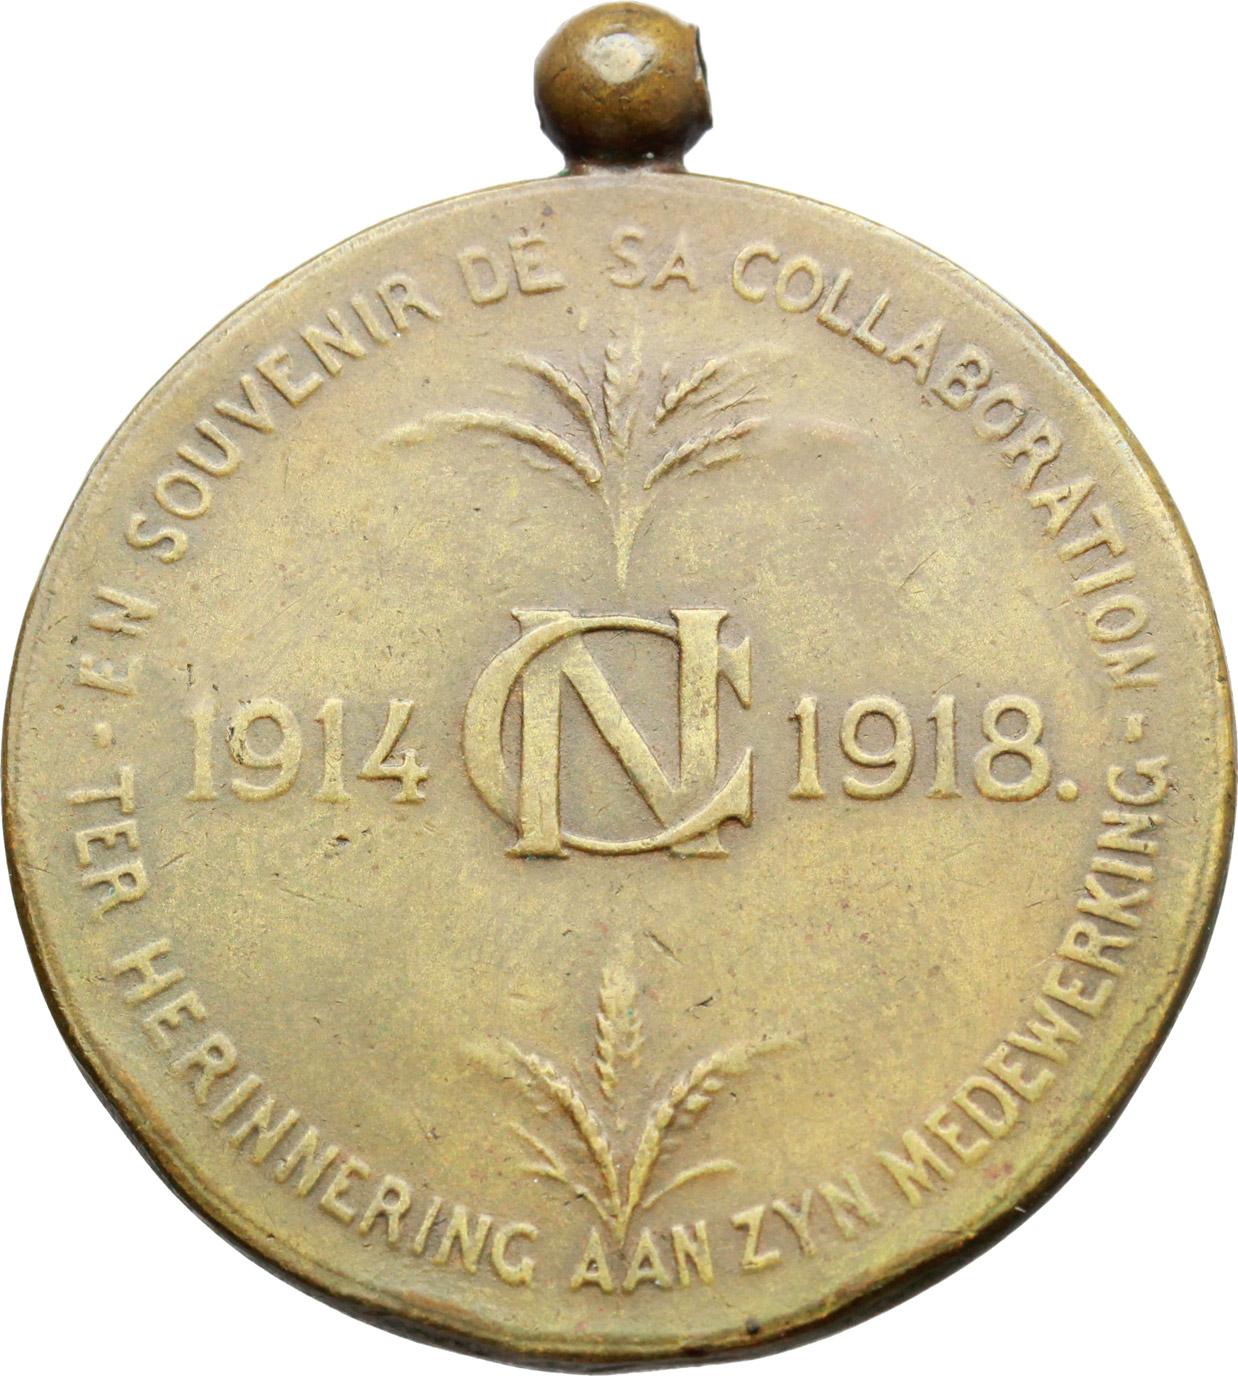 R/  Medaglia en souvenir de sa collaboration. 1914 CN 1918.     AE.   mm. 34.50 Inc. M. Zingoni.   BB.